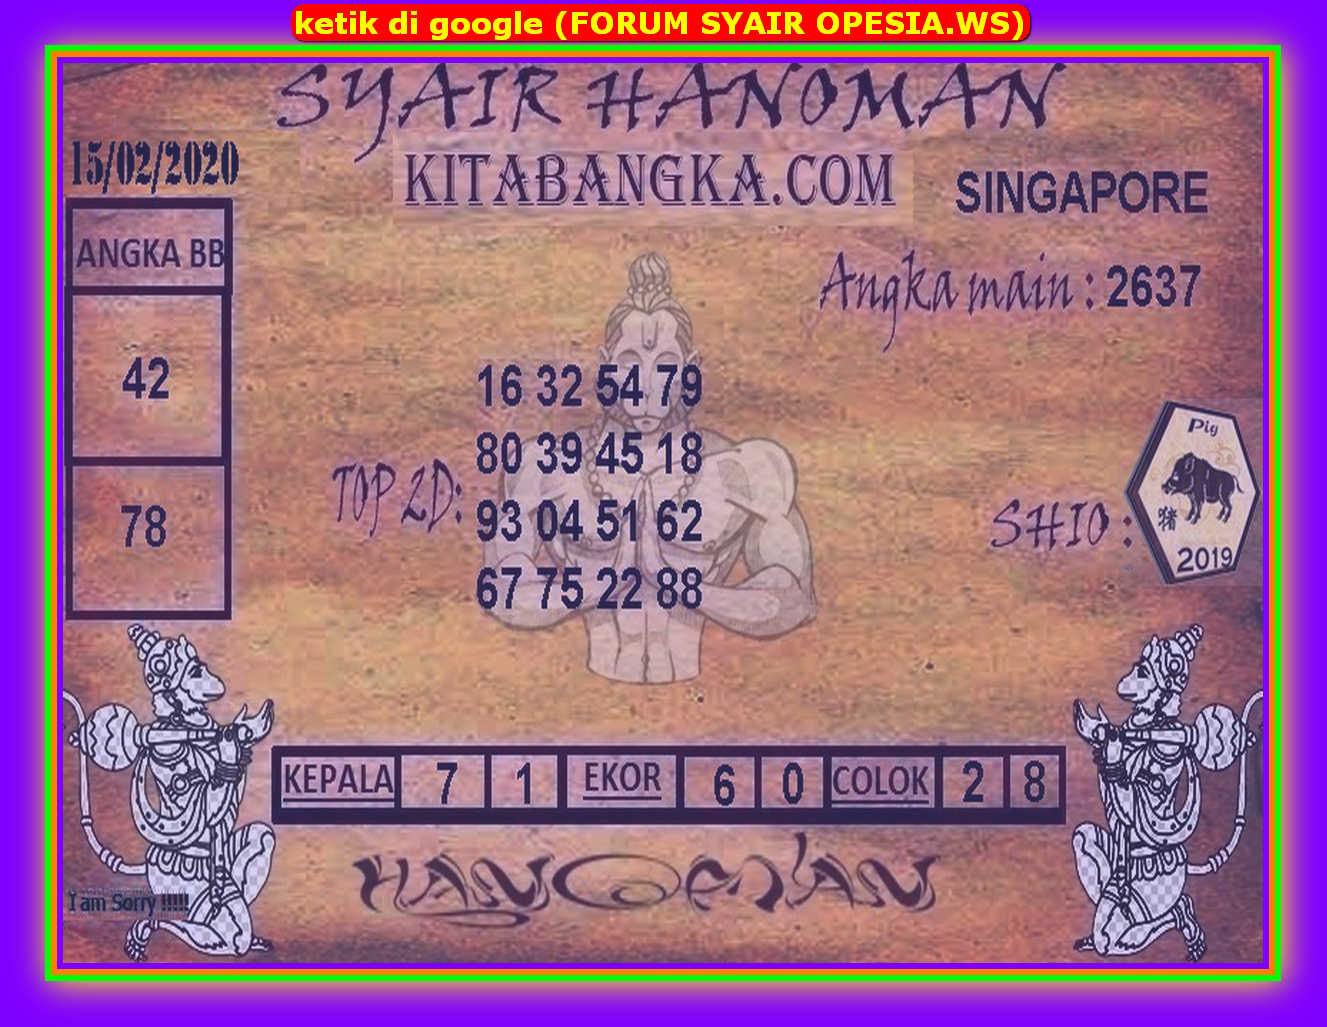 Kode syair Singapore Sabtu 15 Februari 2020 105